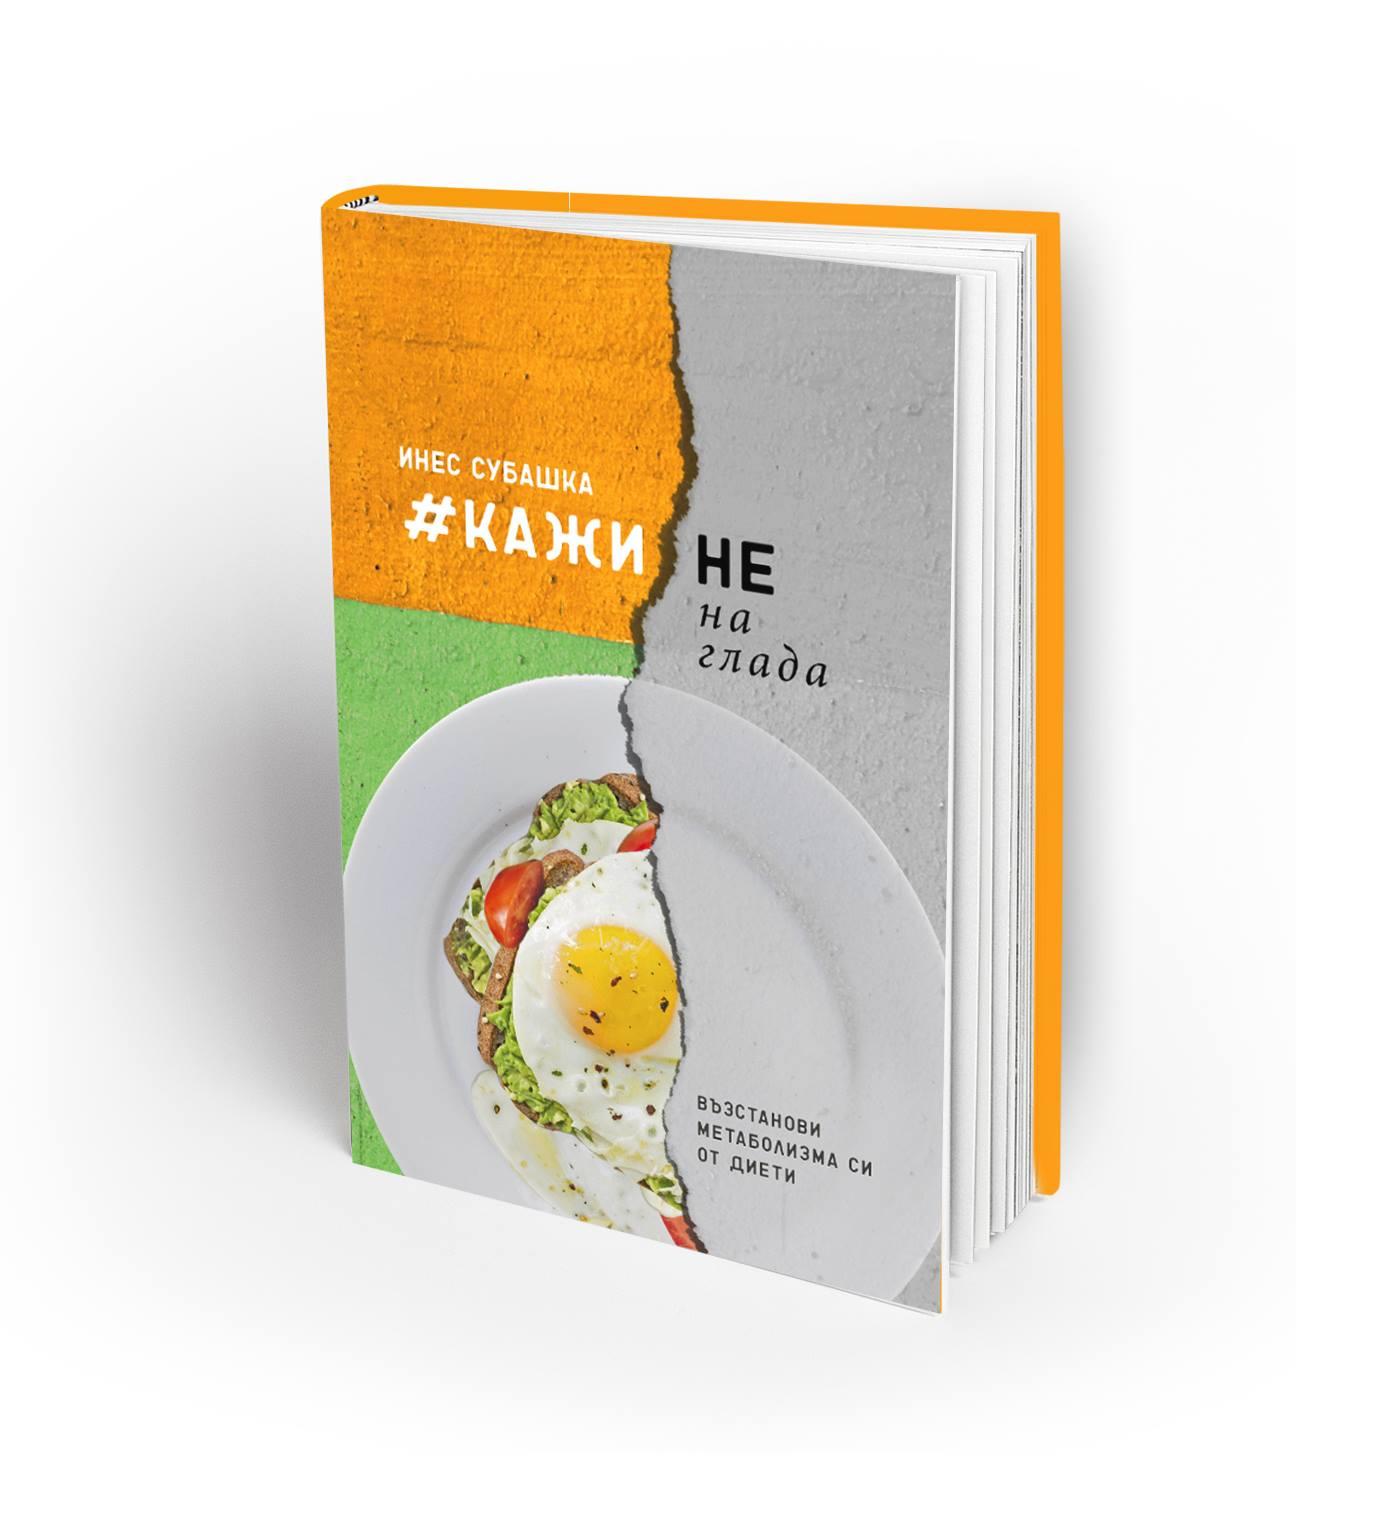 """Инес Субашка представя новата си книга """"Кажи НЕ на глада. Възстанови метаболизма си от диети"""""""